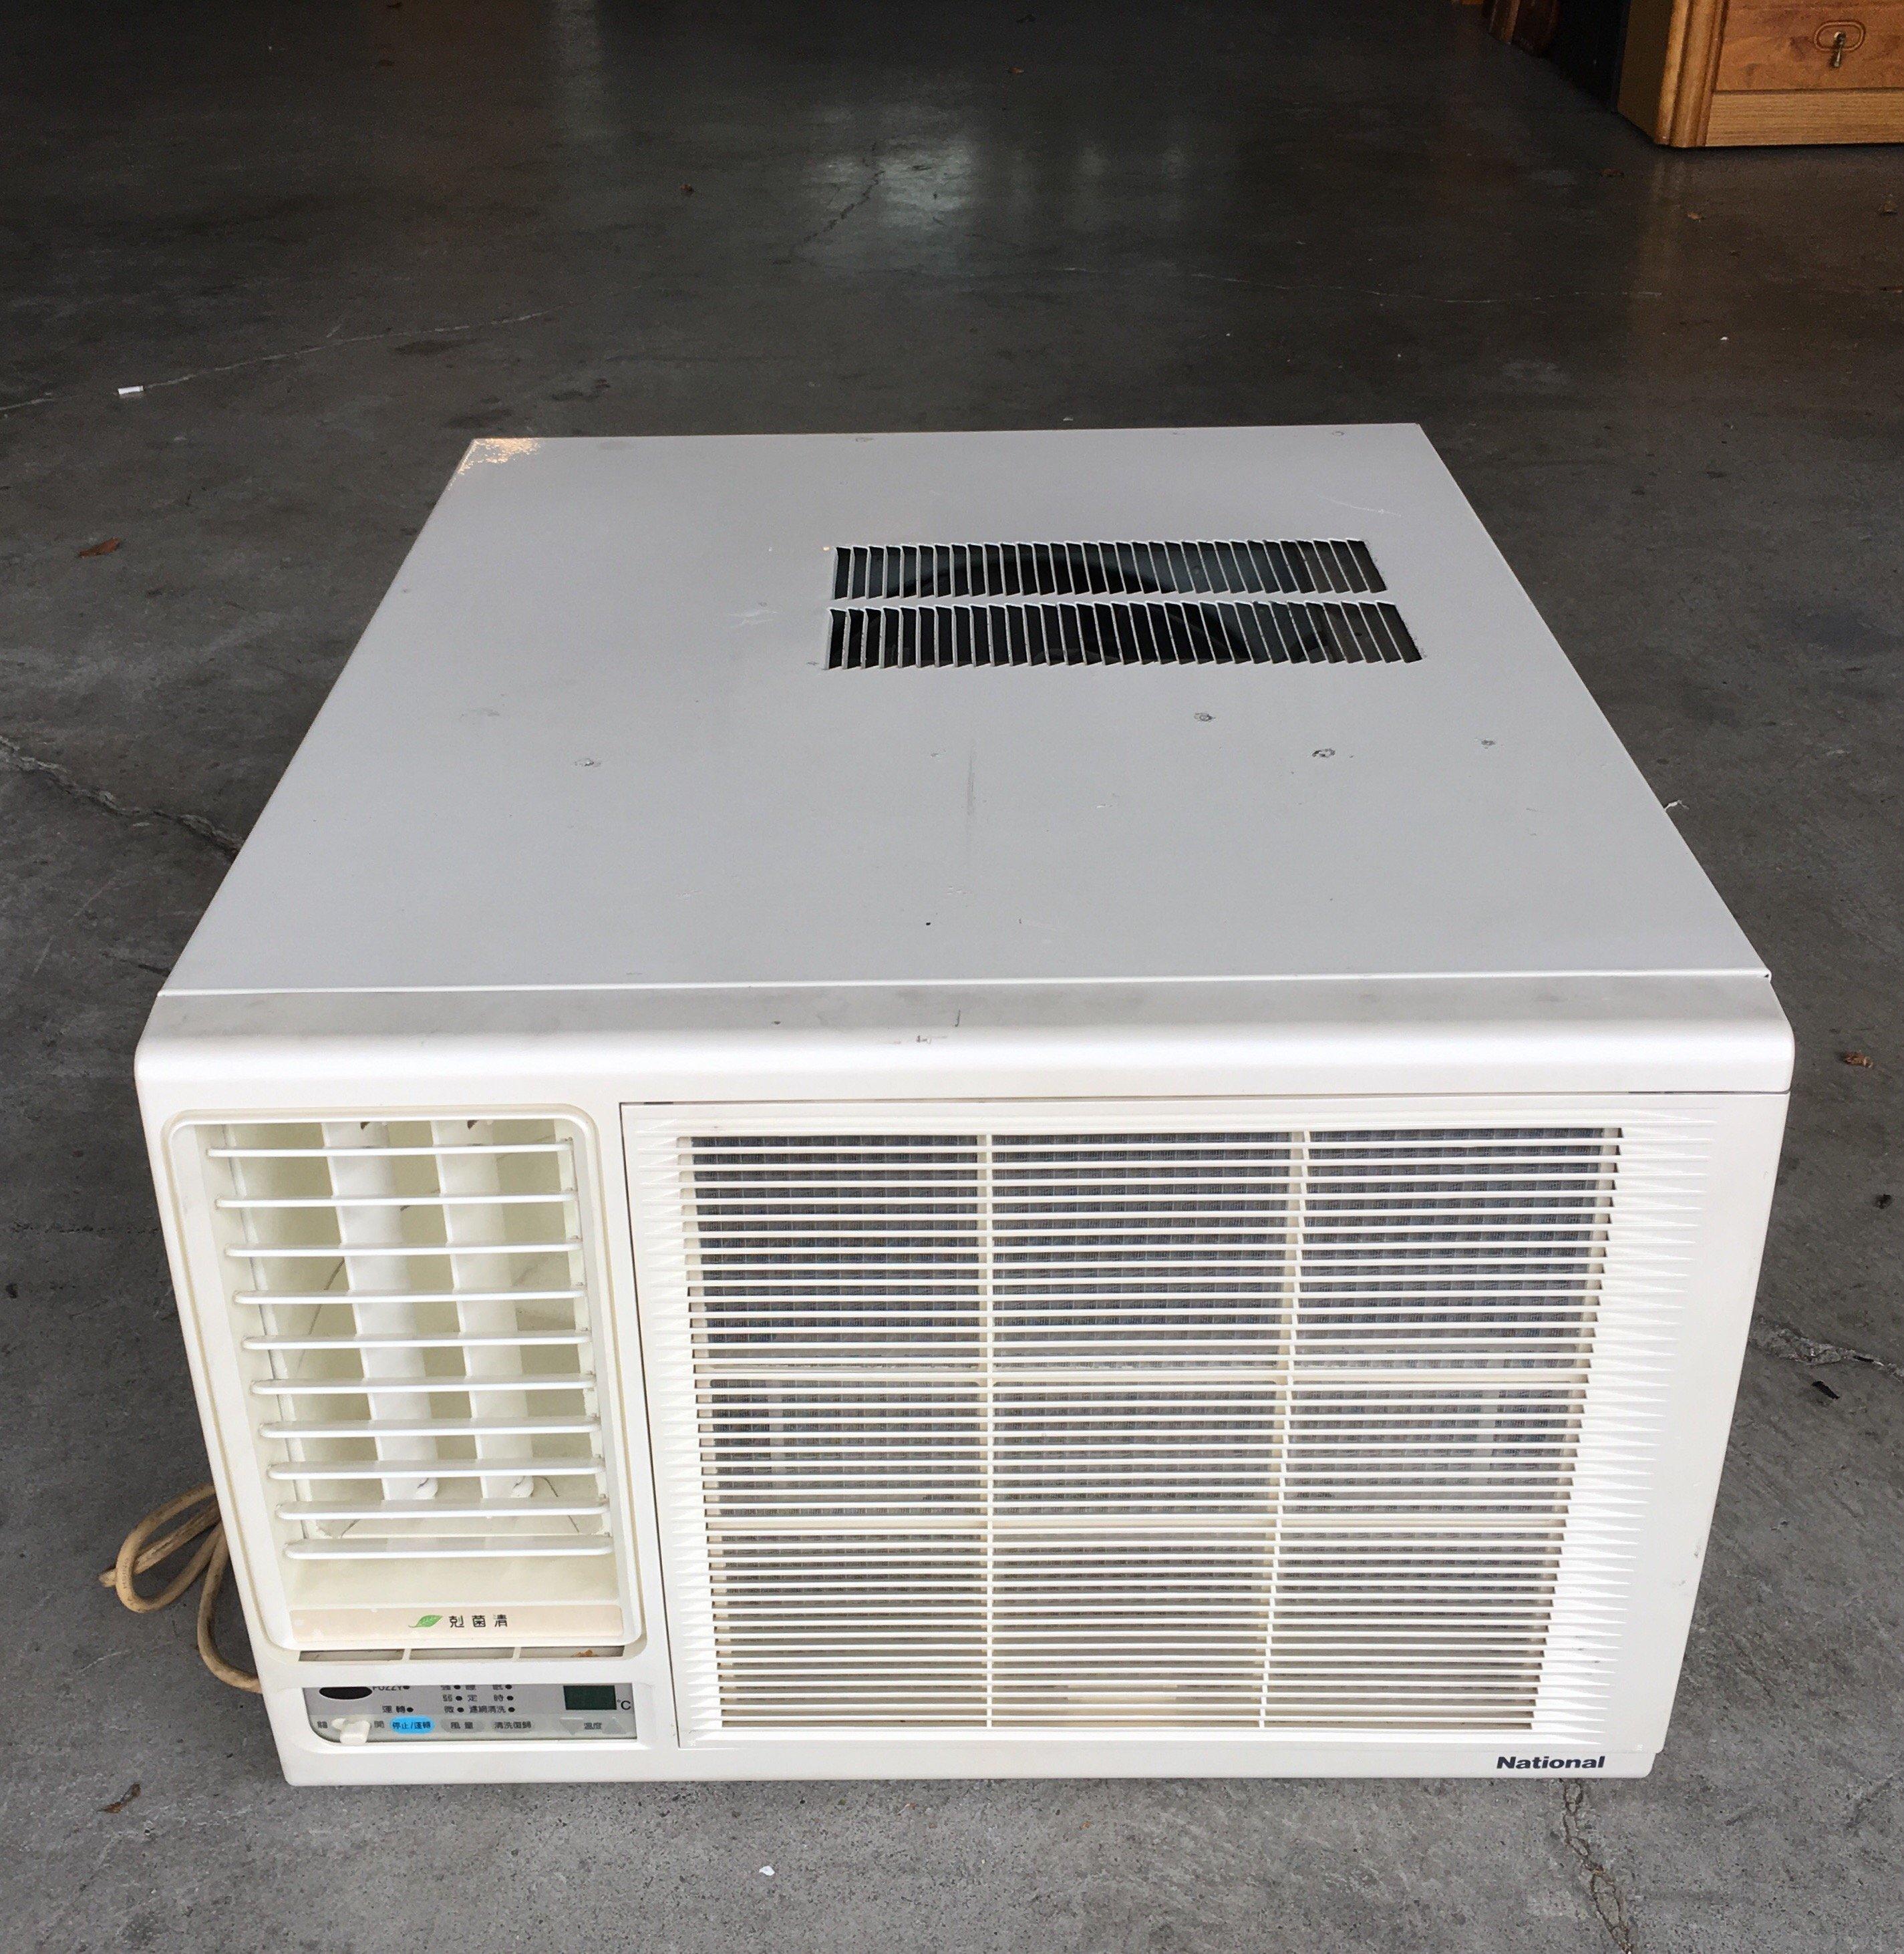 【全國二手家具】Panasonic國際牌旗下Natioal 2噸窗型冷氣CW-45PSL2/2噸冷氣/二手冷氣/二手家電